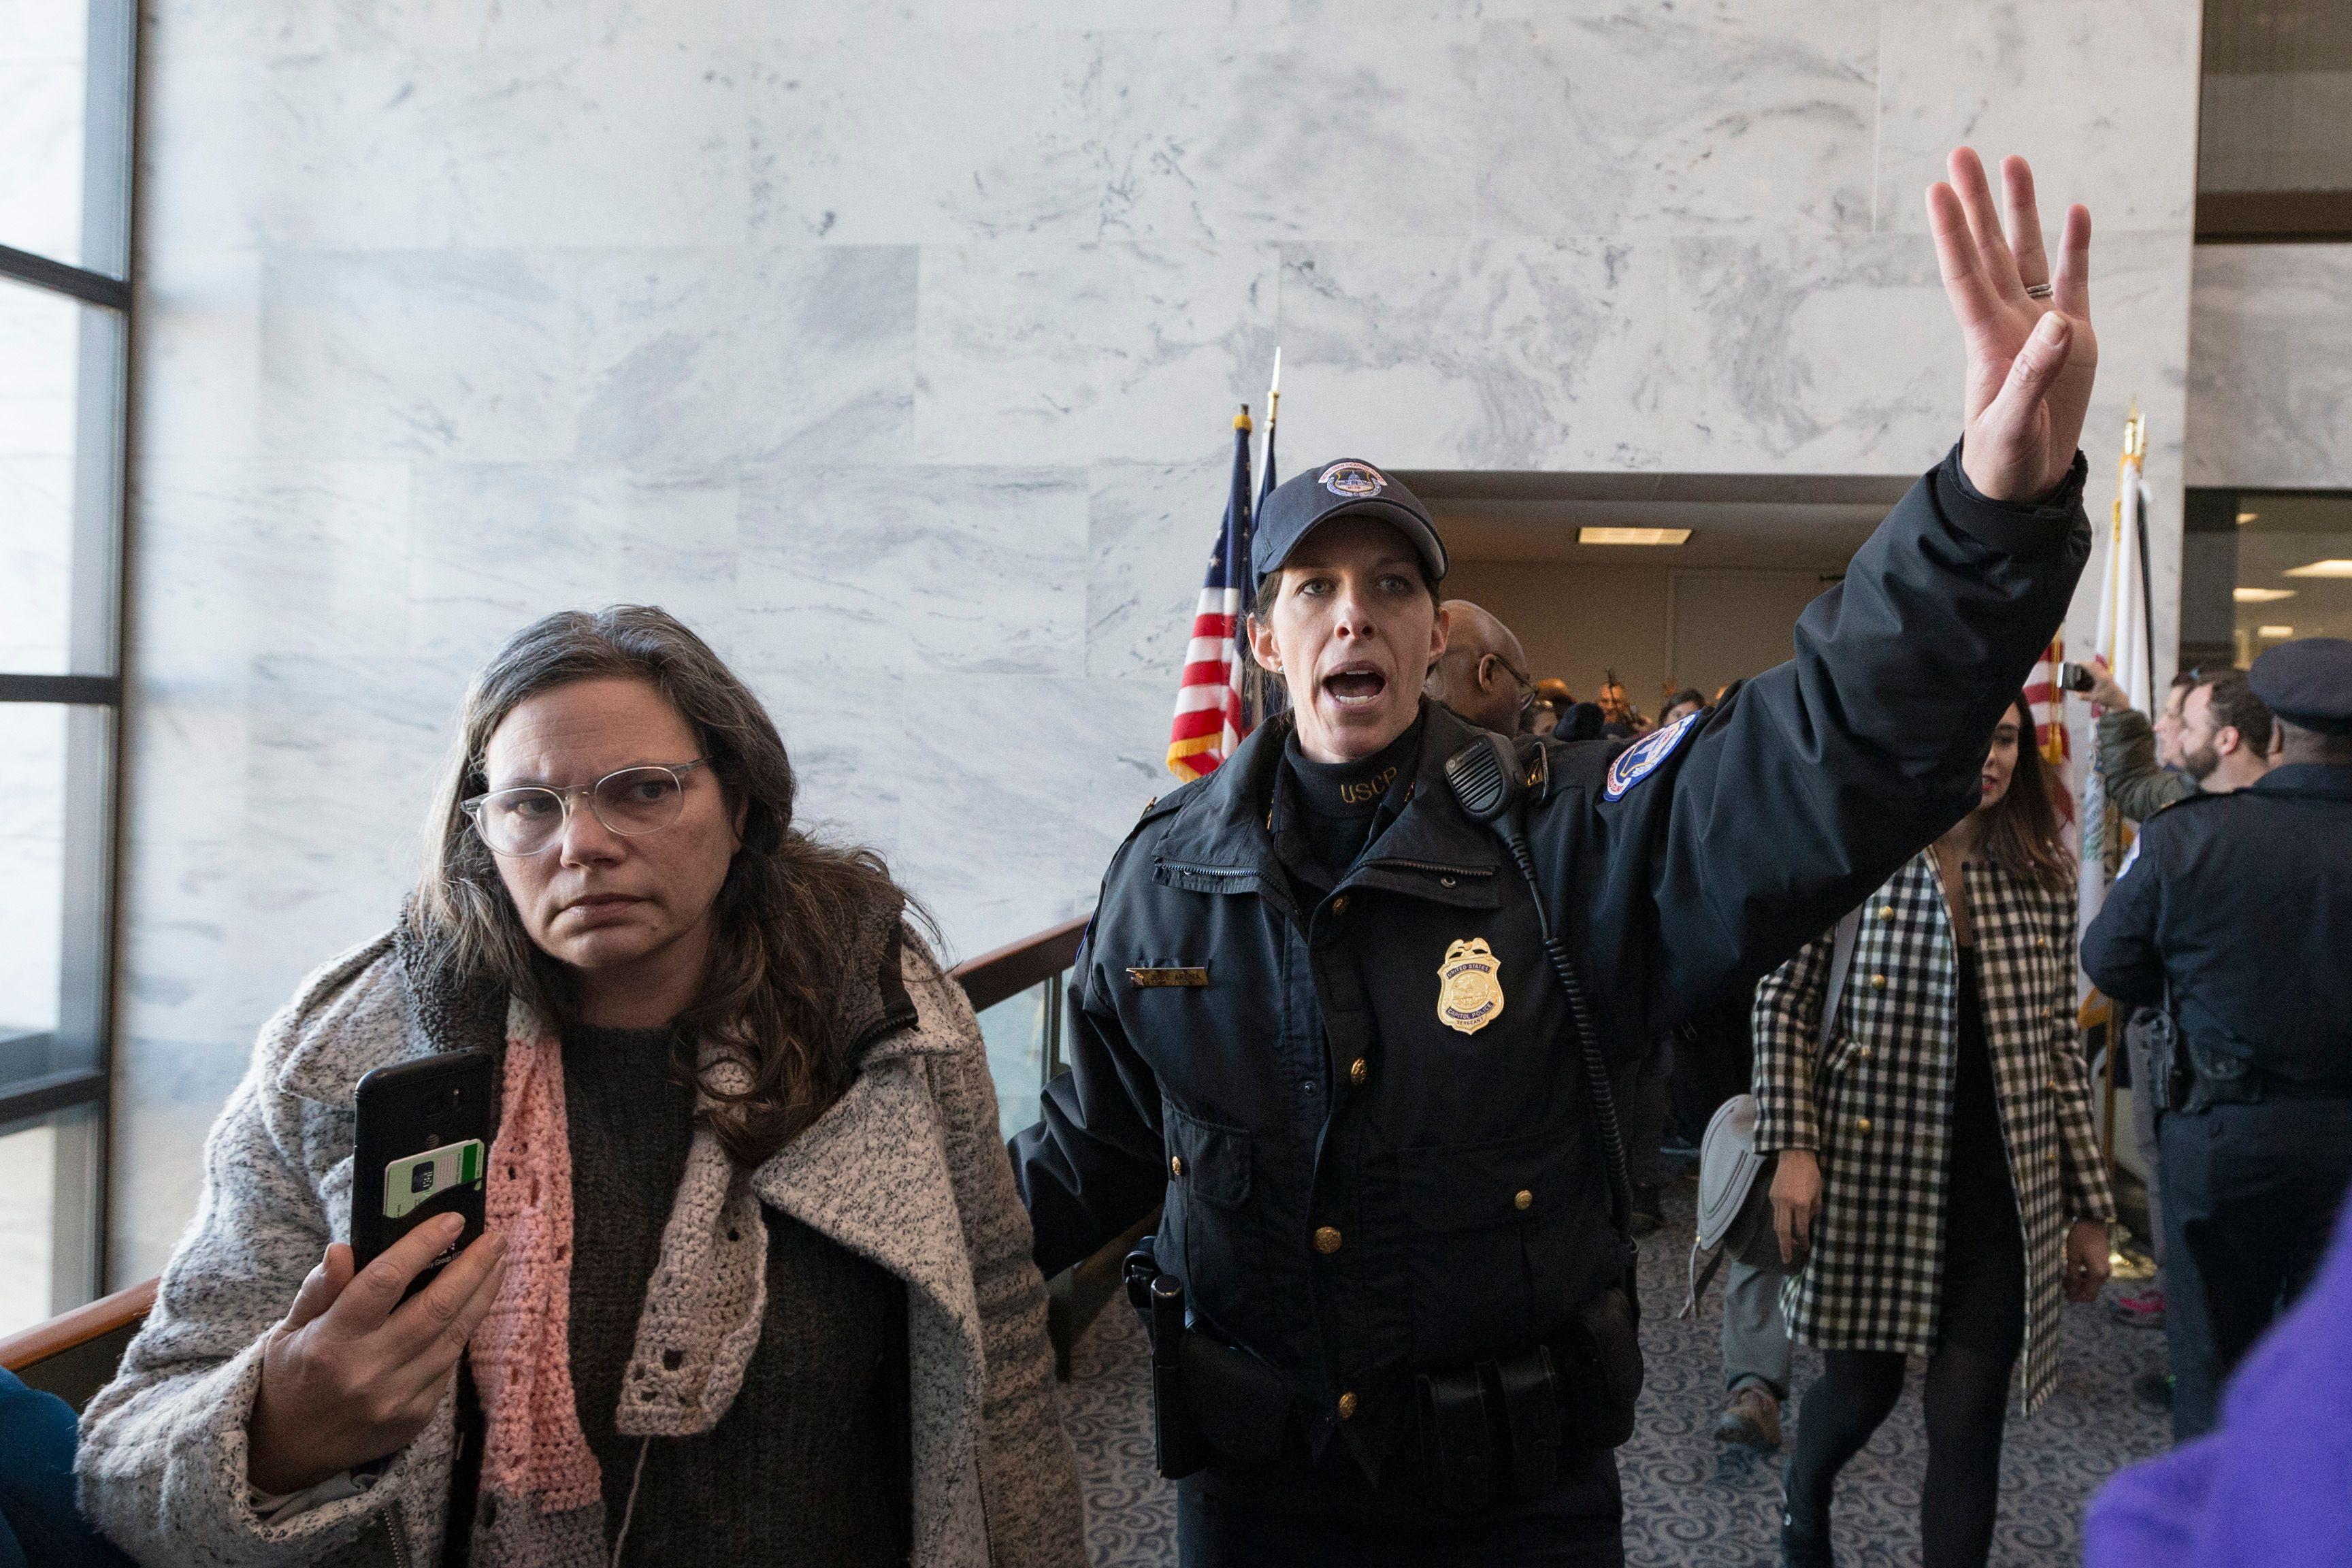 شرطى أمريكى يواجه المعتصمين